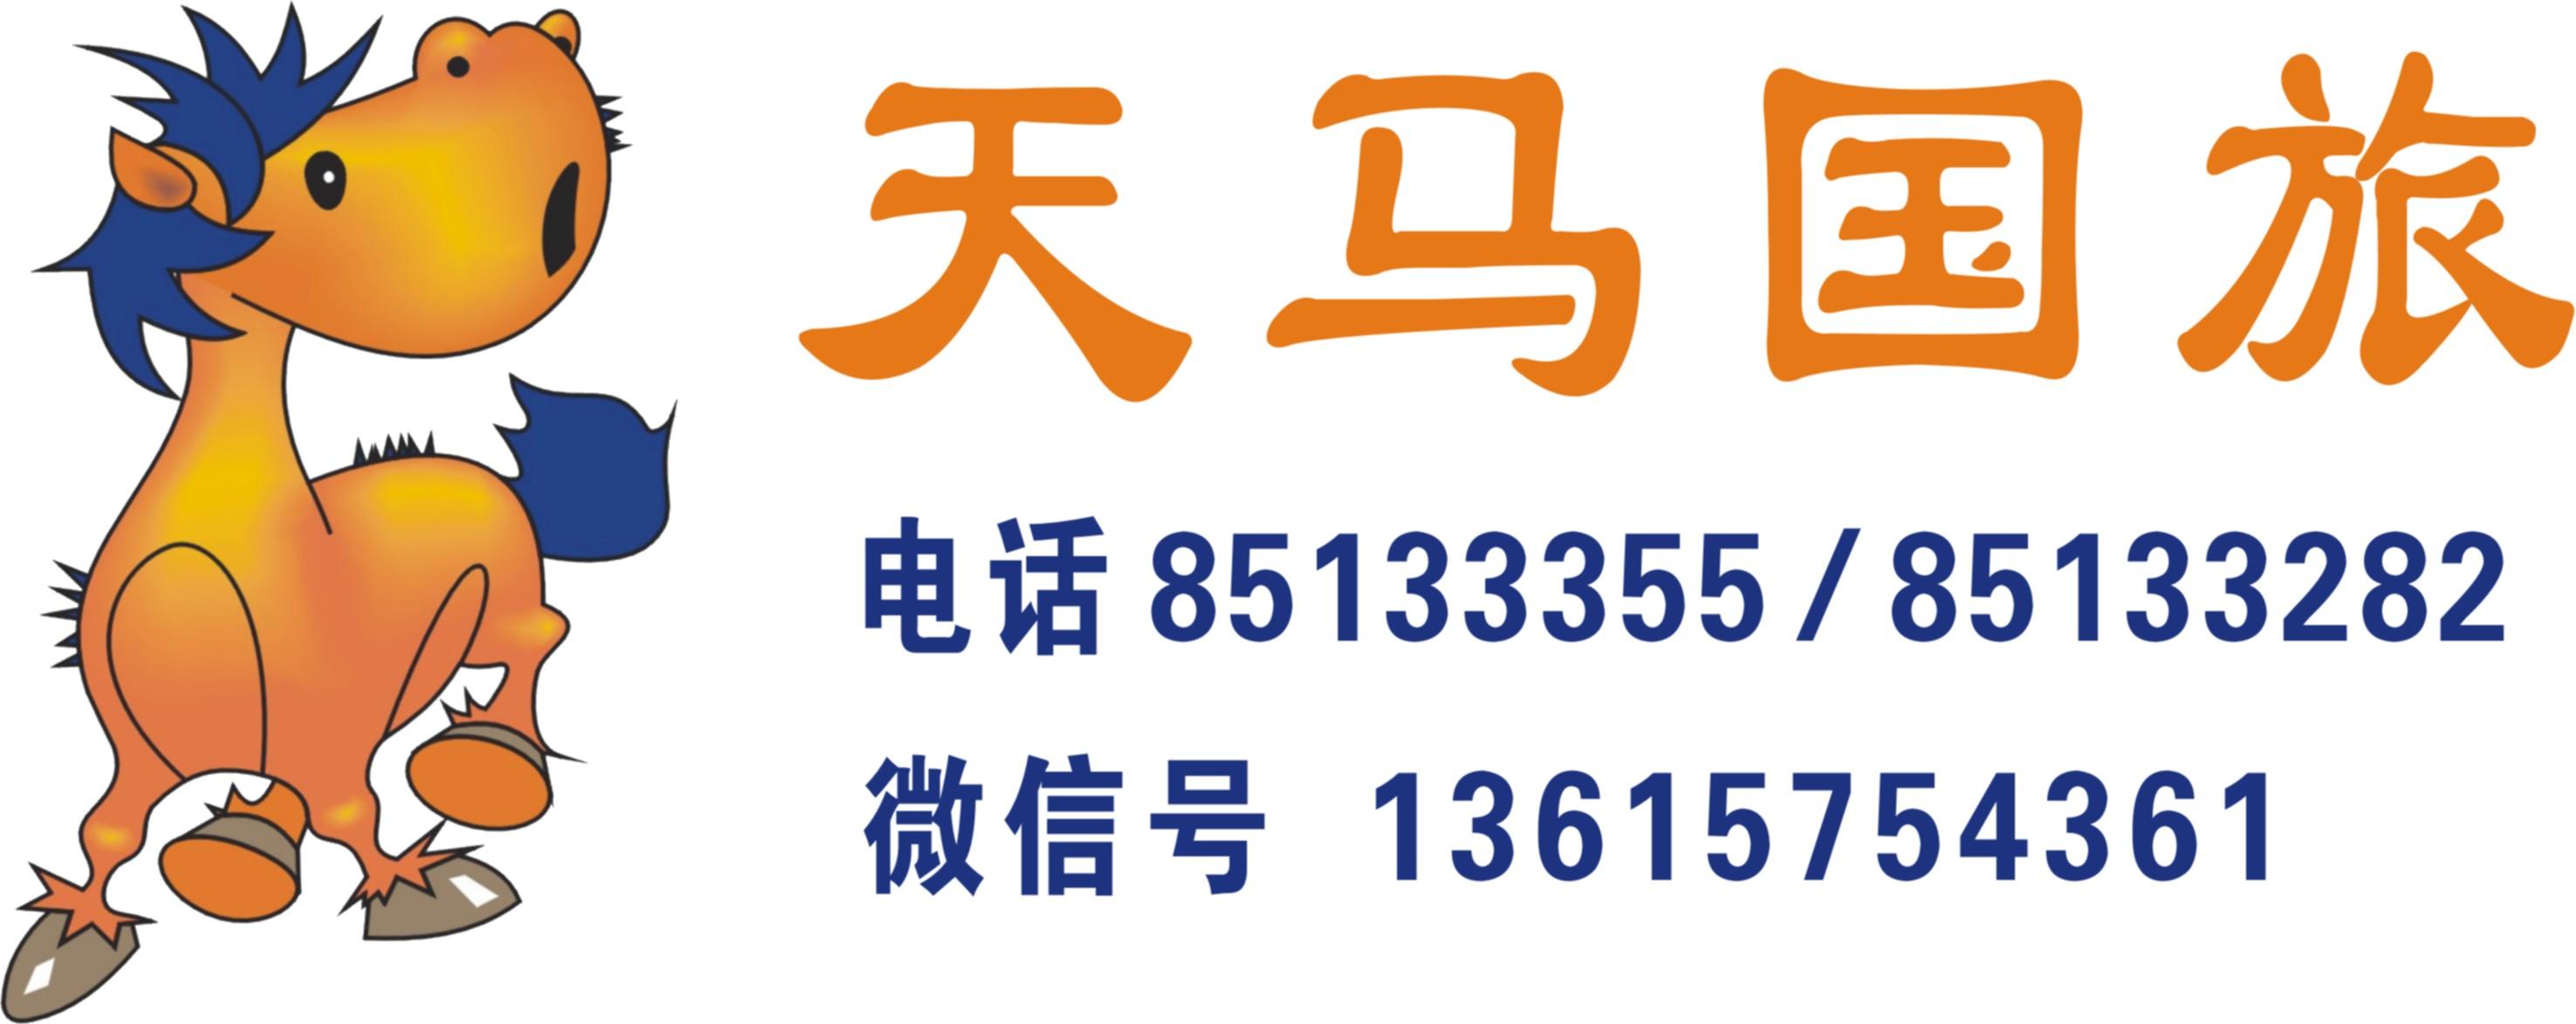 7月【网红芙蓉镇—张家界国家森林公园、天门山、凤凰双高六日】